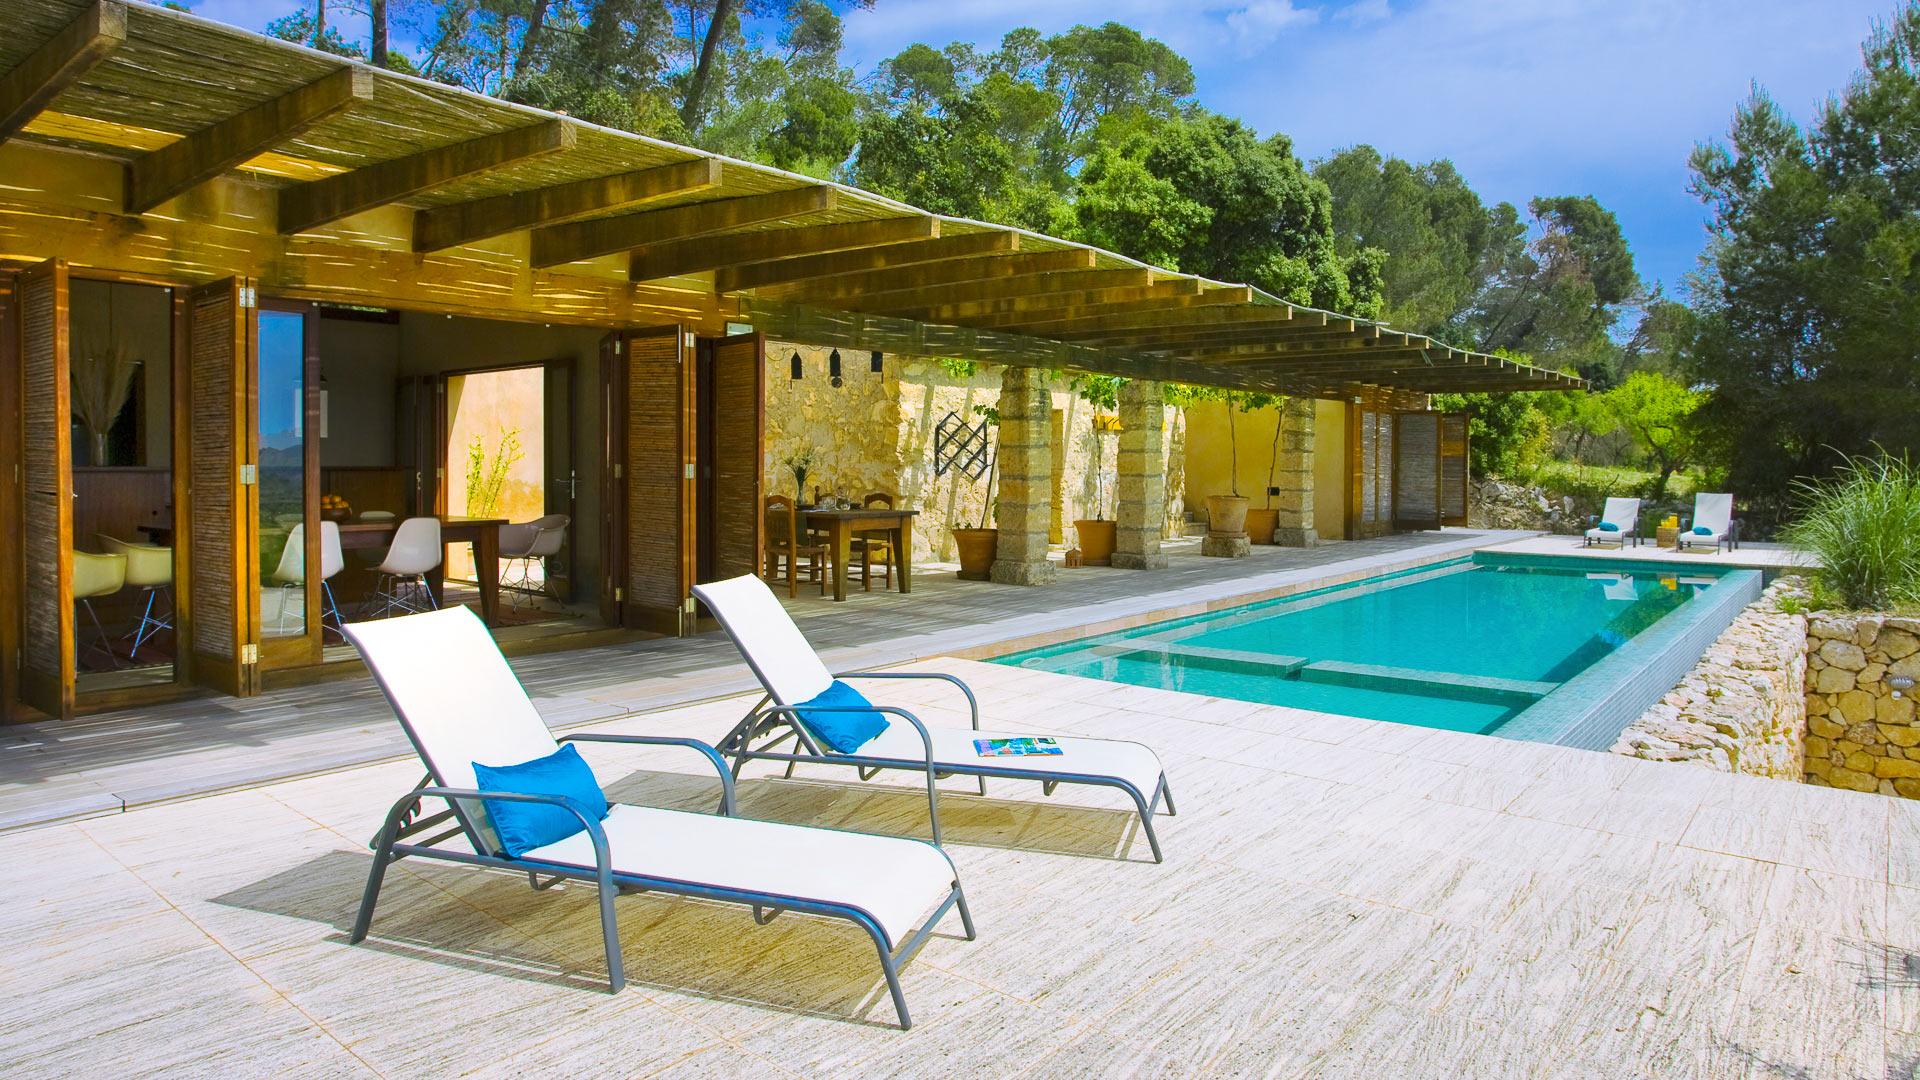 Villa platana alquiler de casa en mallorca centro for Alquiler maquinaria mallorca